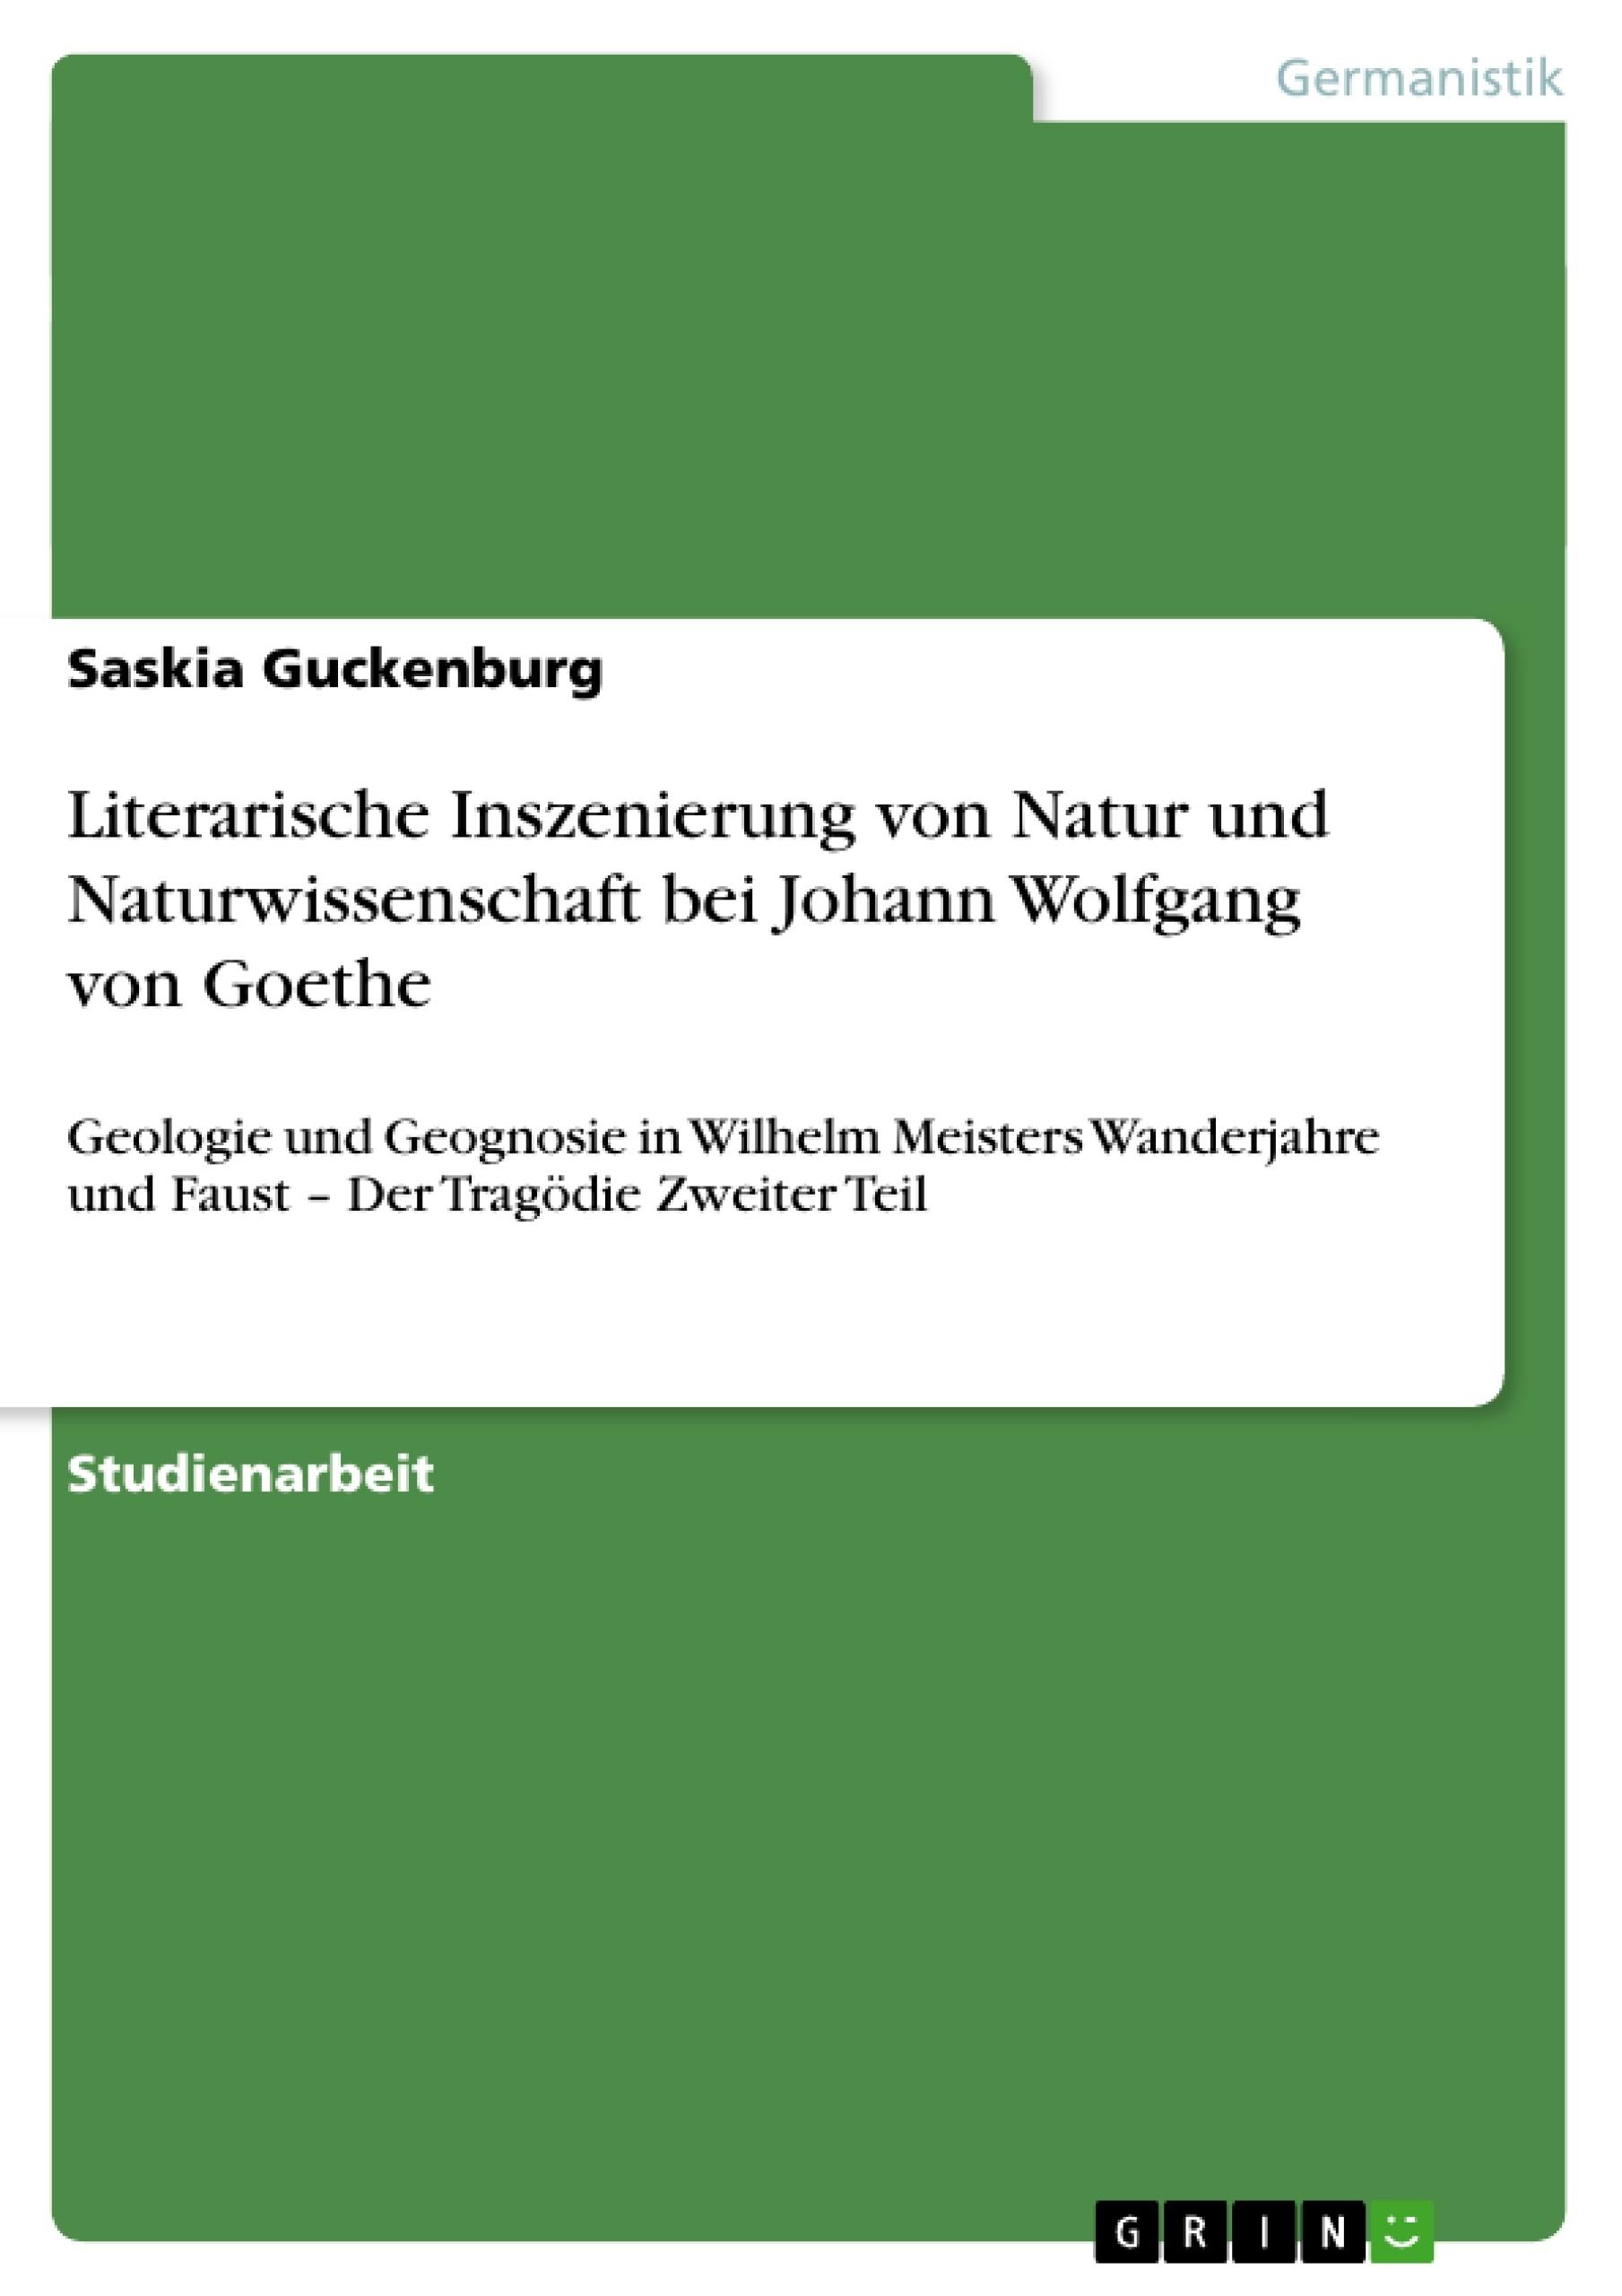 Titel: Literarische Inszenierung von Natur und Naturwissenschaft bei Johann Wolfgang von Goethe